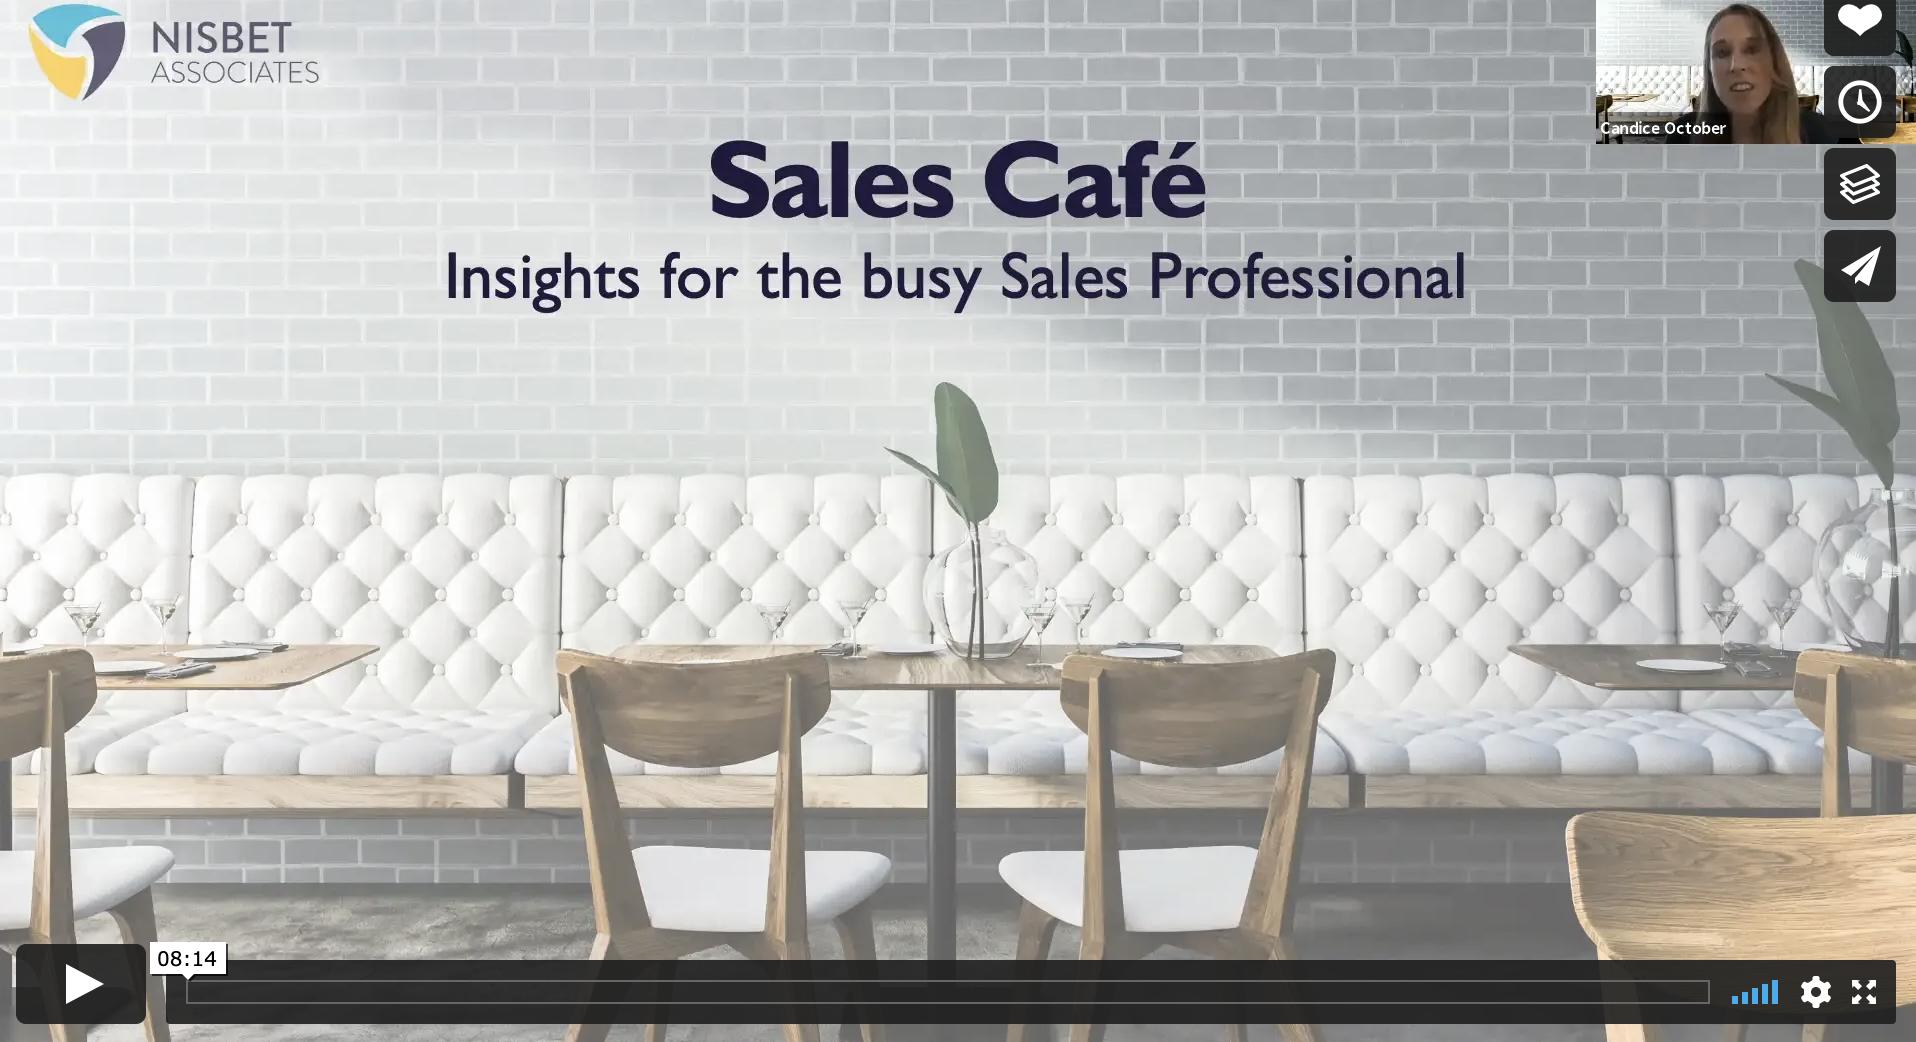 Sales Cafe